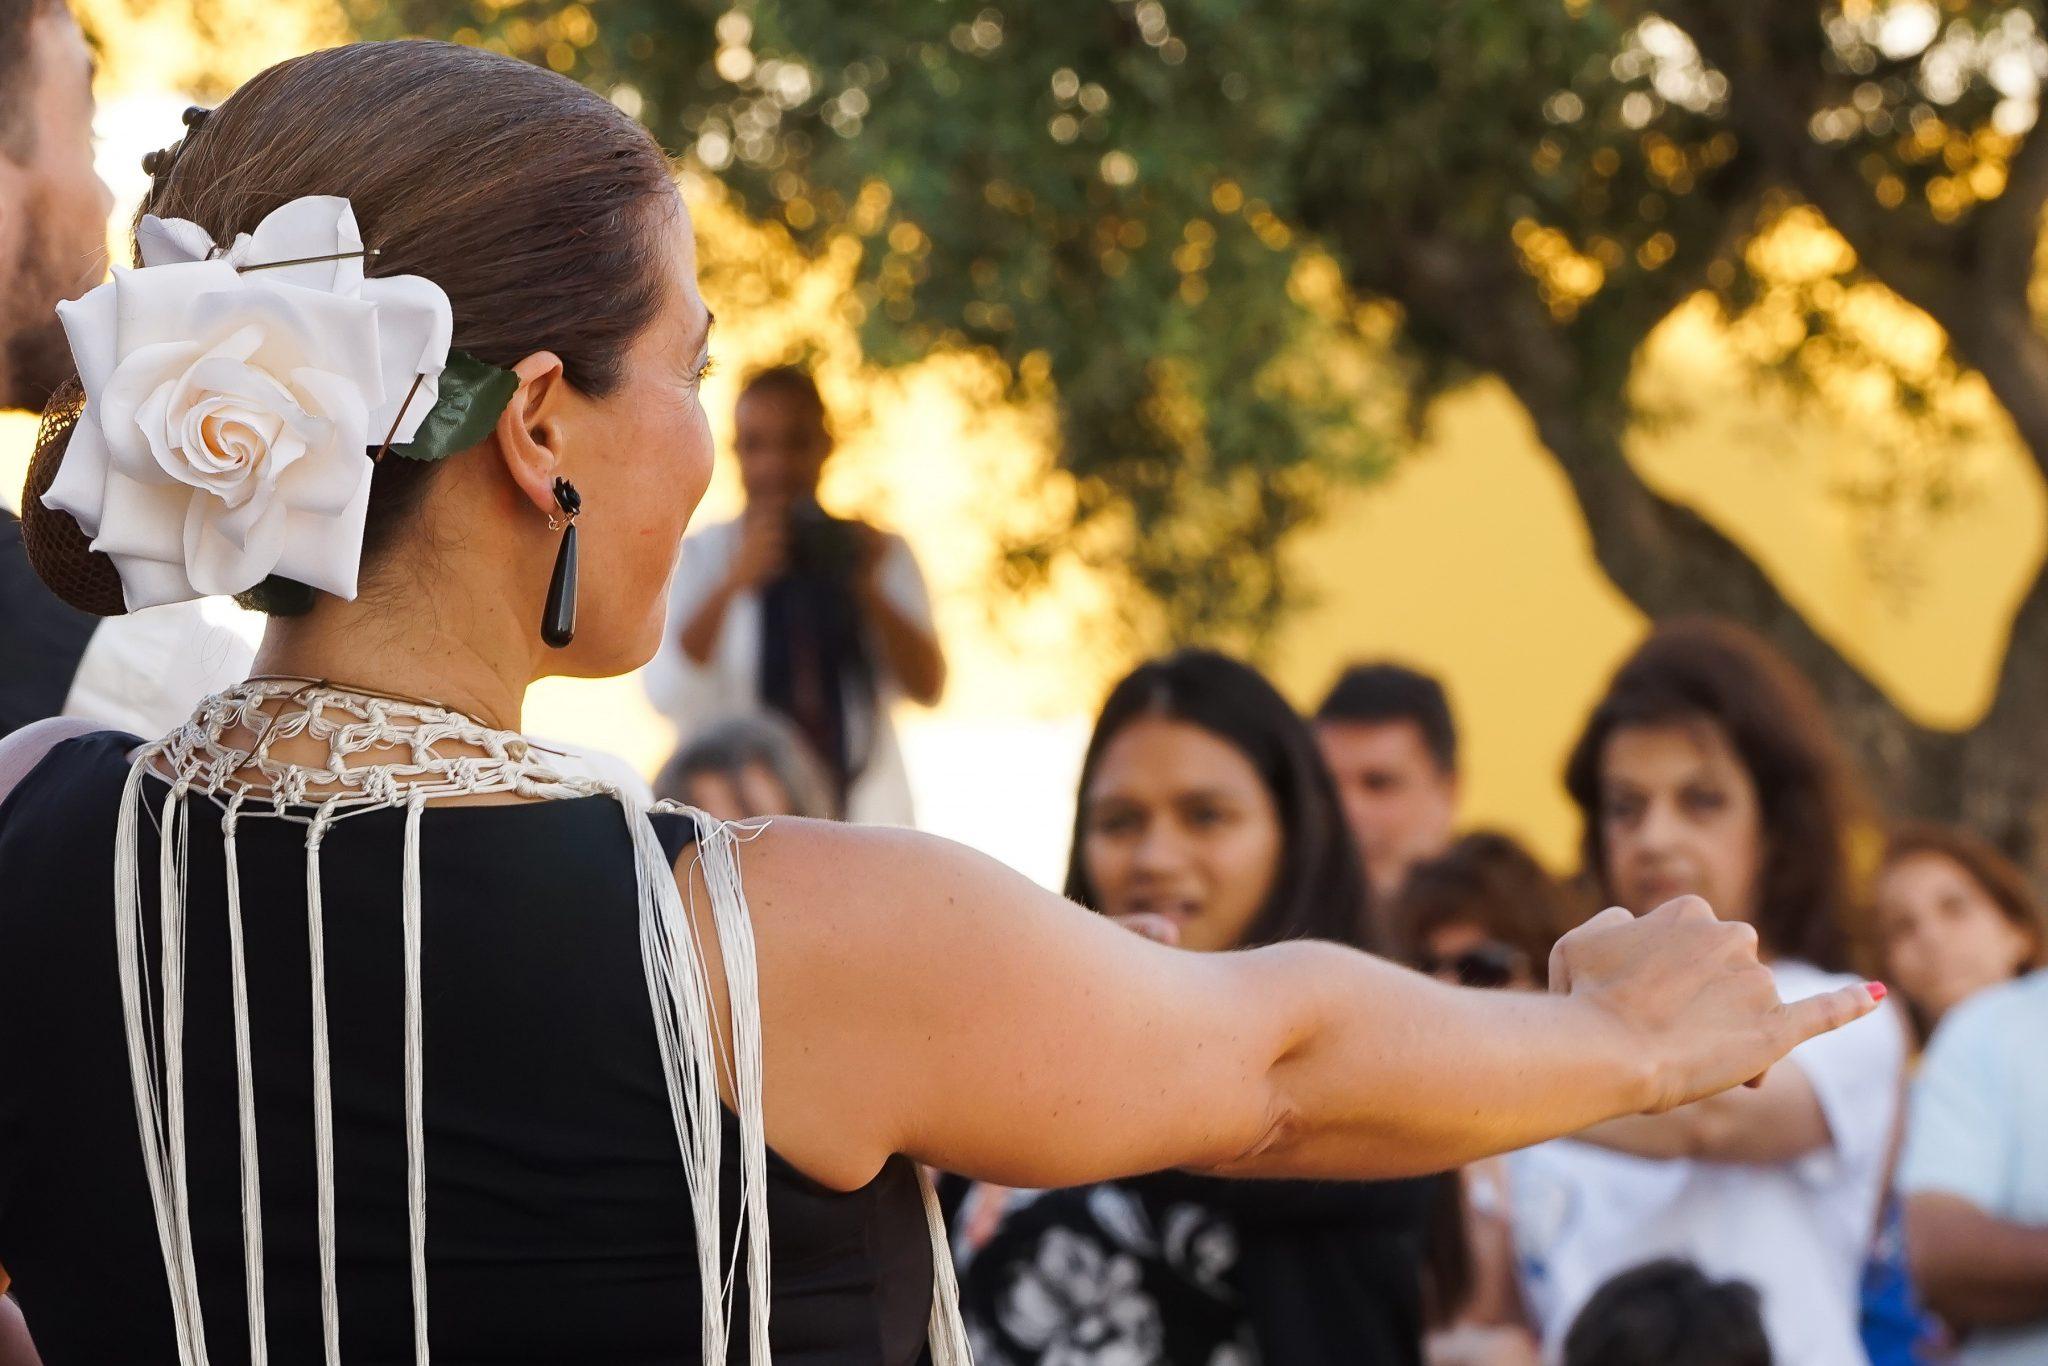 Num primeiro plano, de costas para o observador, uma mulher, com uma flor branca no cabelo preso, demonstra um passo de dança sevilhana. Ao fundo, de frente para o observador, um grupo de pessoas segue as indicações dadas.